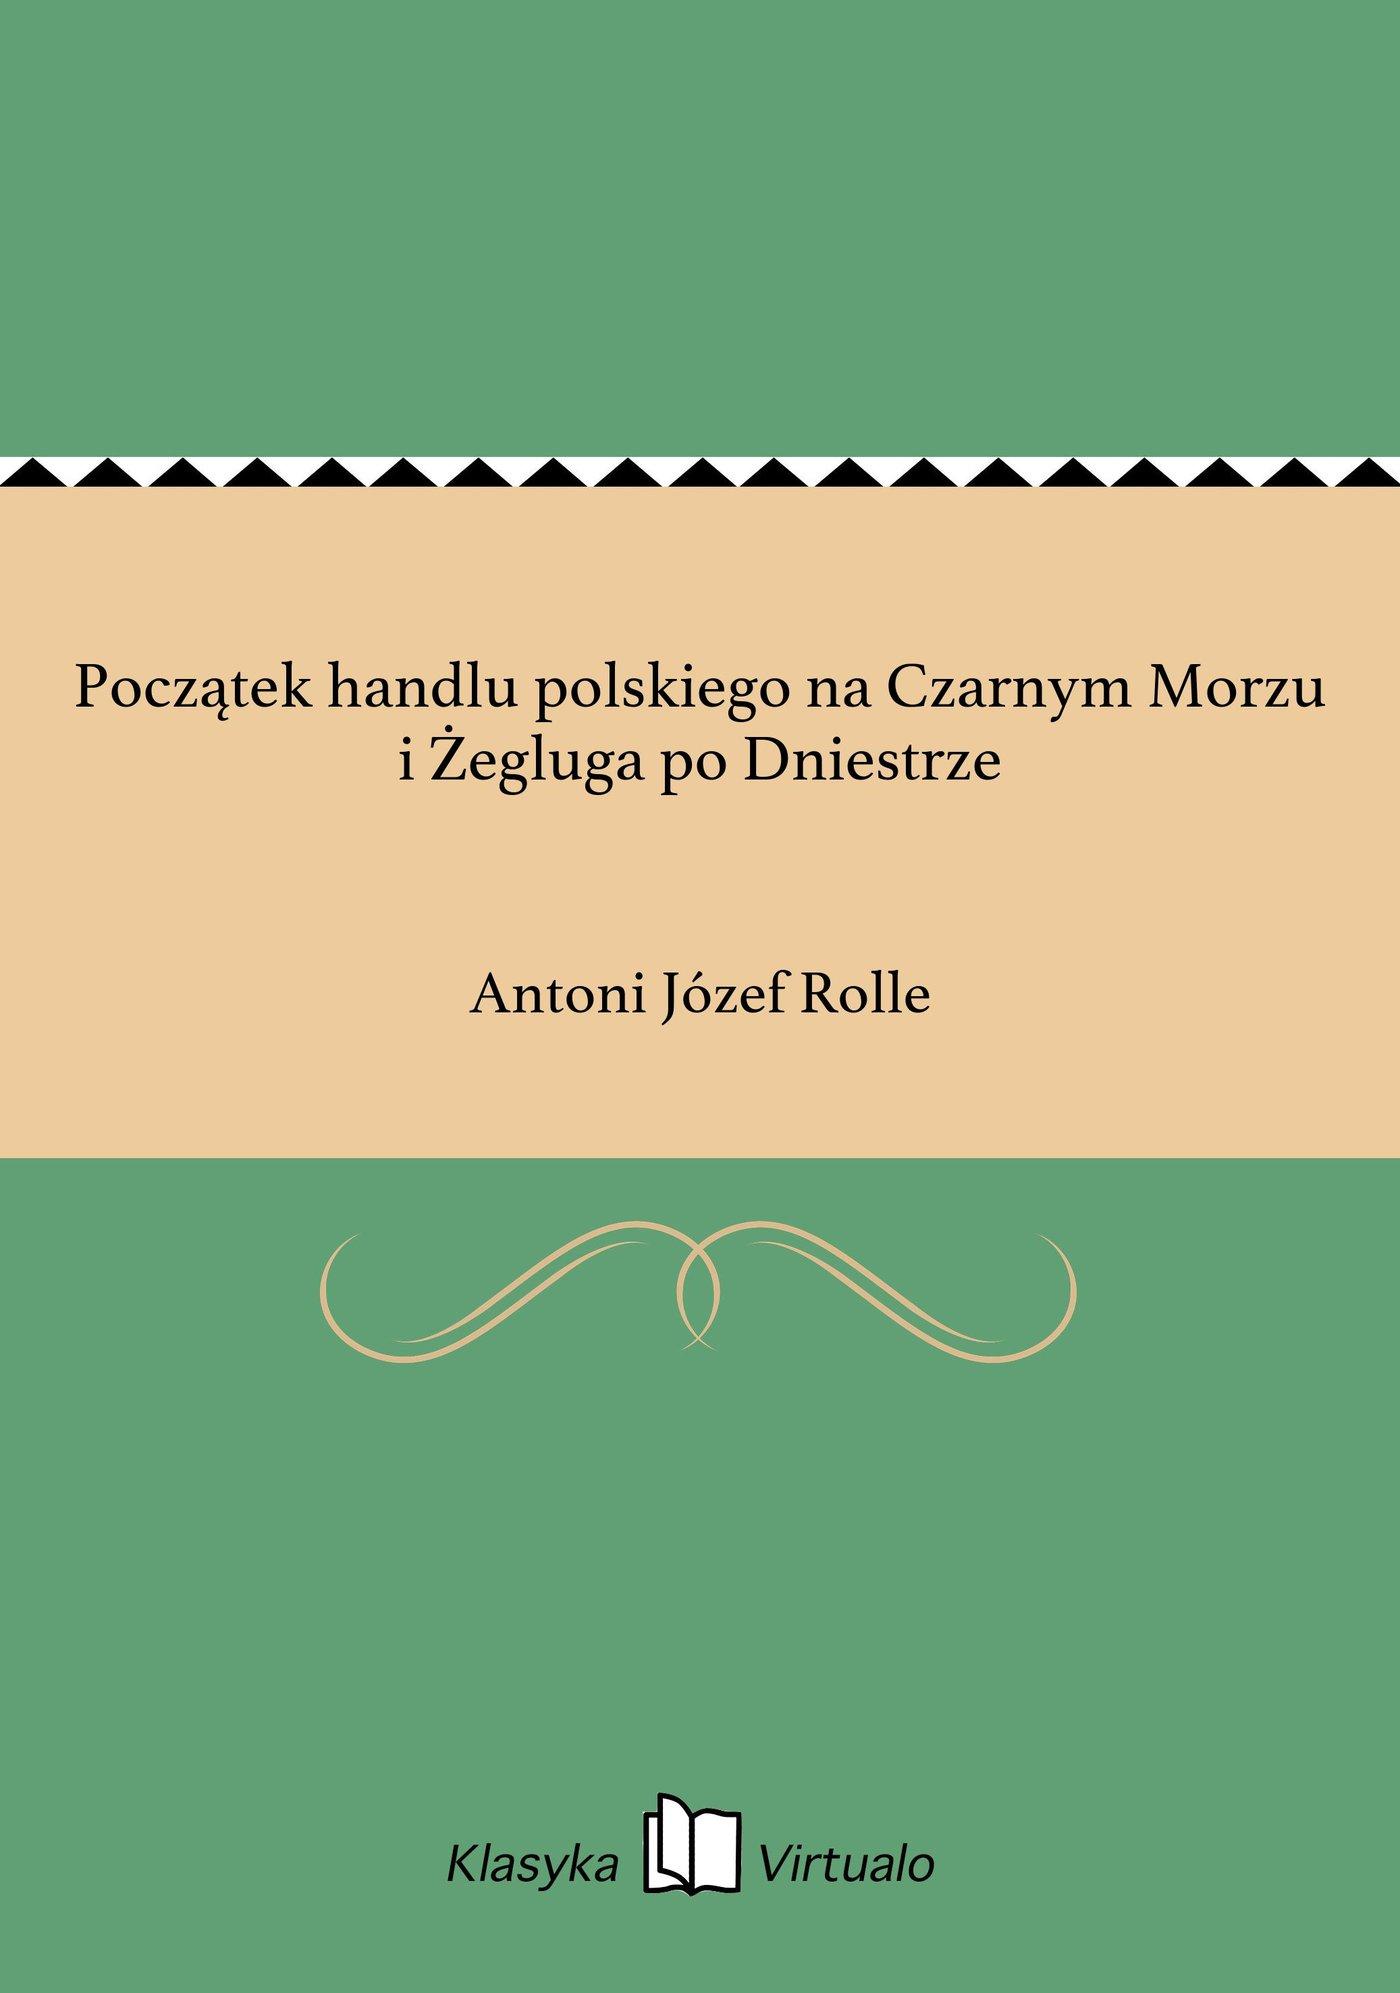 Początek handlu polskiego na Czarnym Morzu i Żegluga po Dniestrze - Ebook (Książka EPUB) do pobrania w formacie EPUB